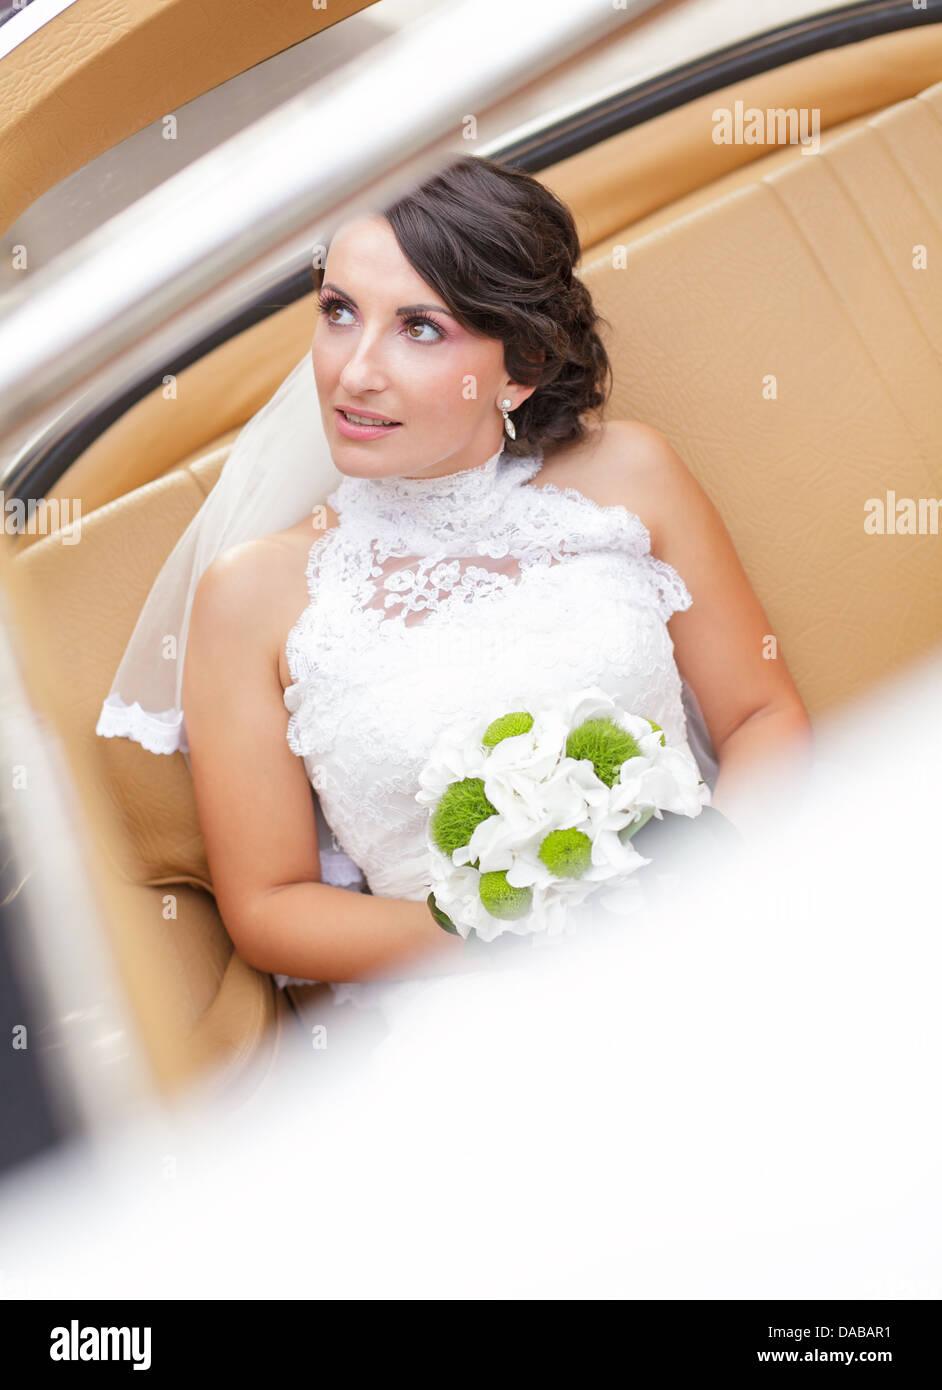 Vintage Bride Stockfotos & Vintage Bride Bilder - Alamy